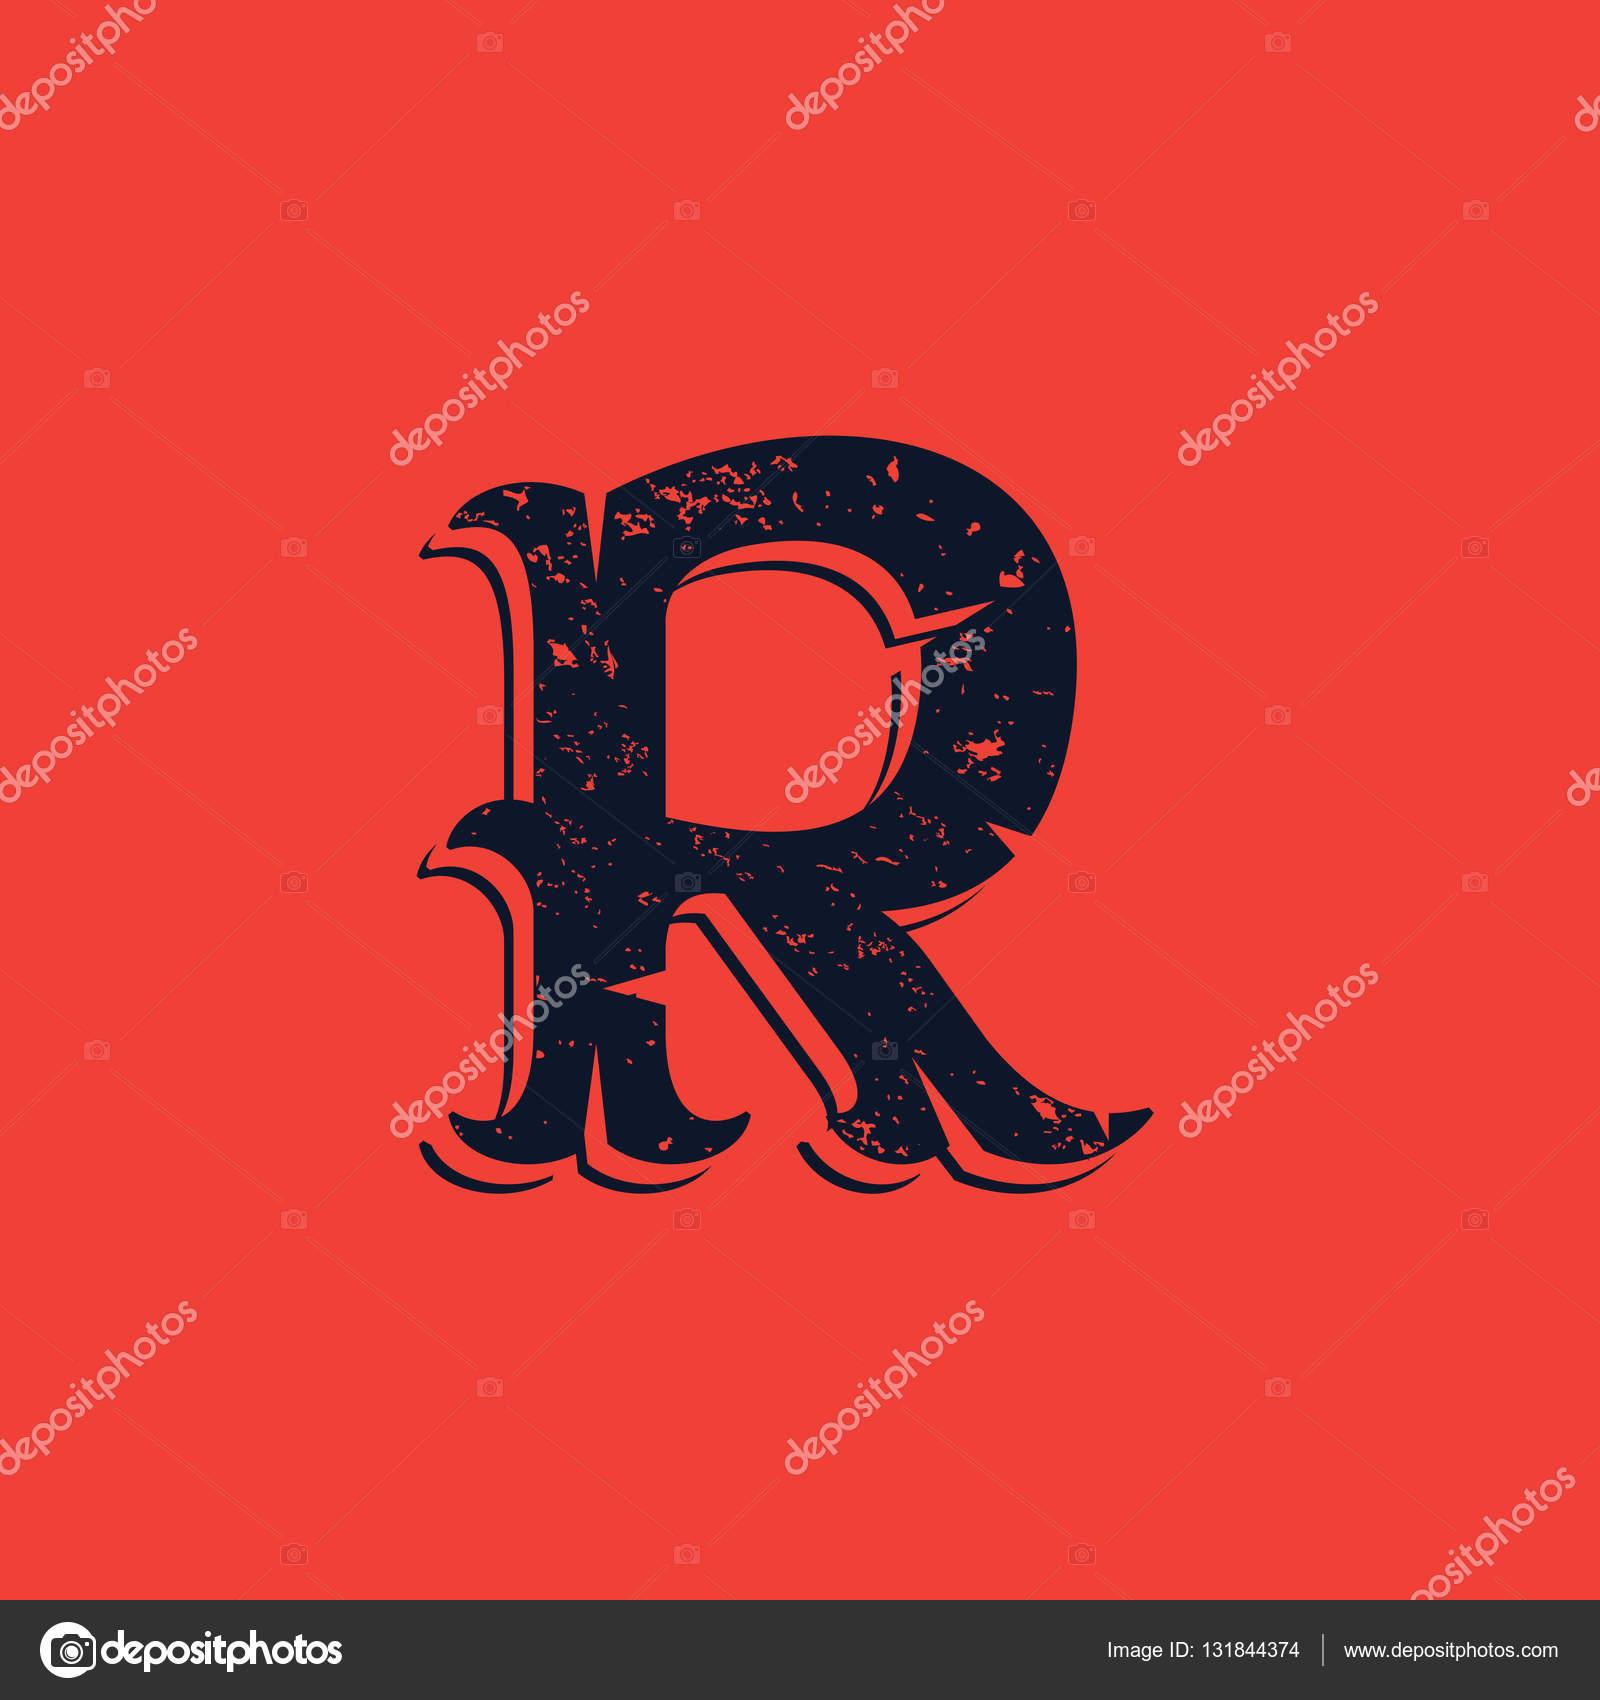 5fde560a7 Logotipo de letra R no Vintage estilo grunge victorian ocidental — Vetores  de Stock